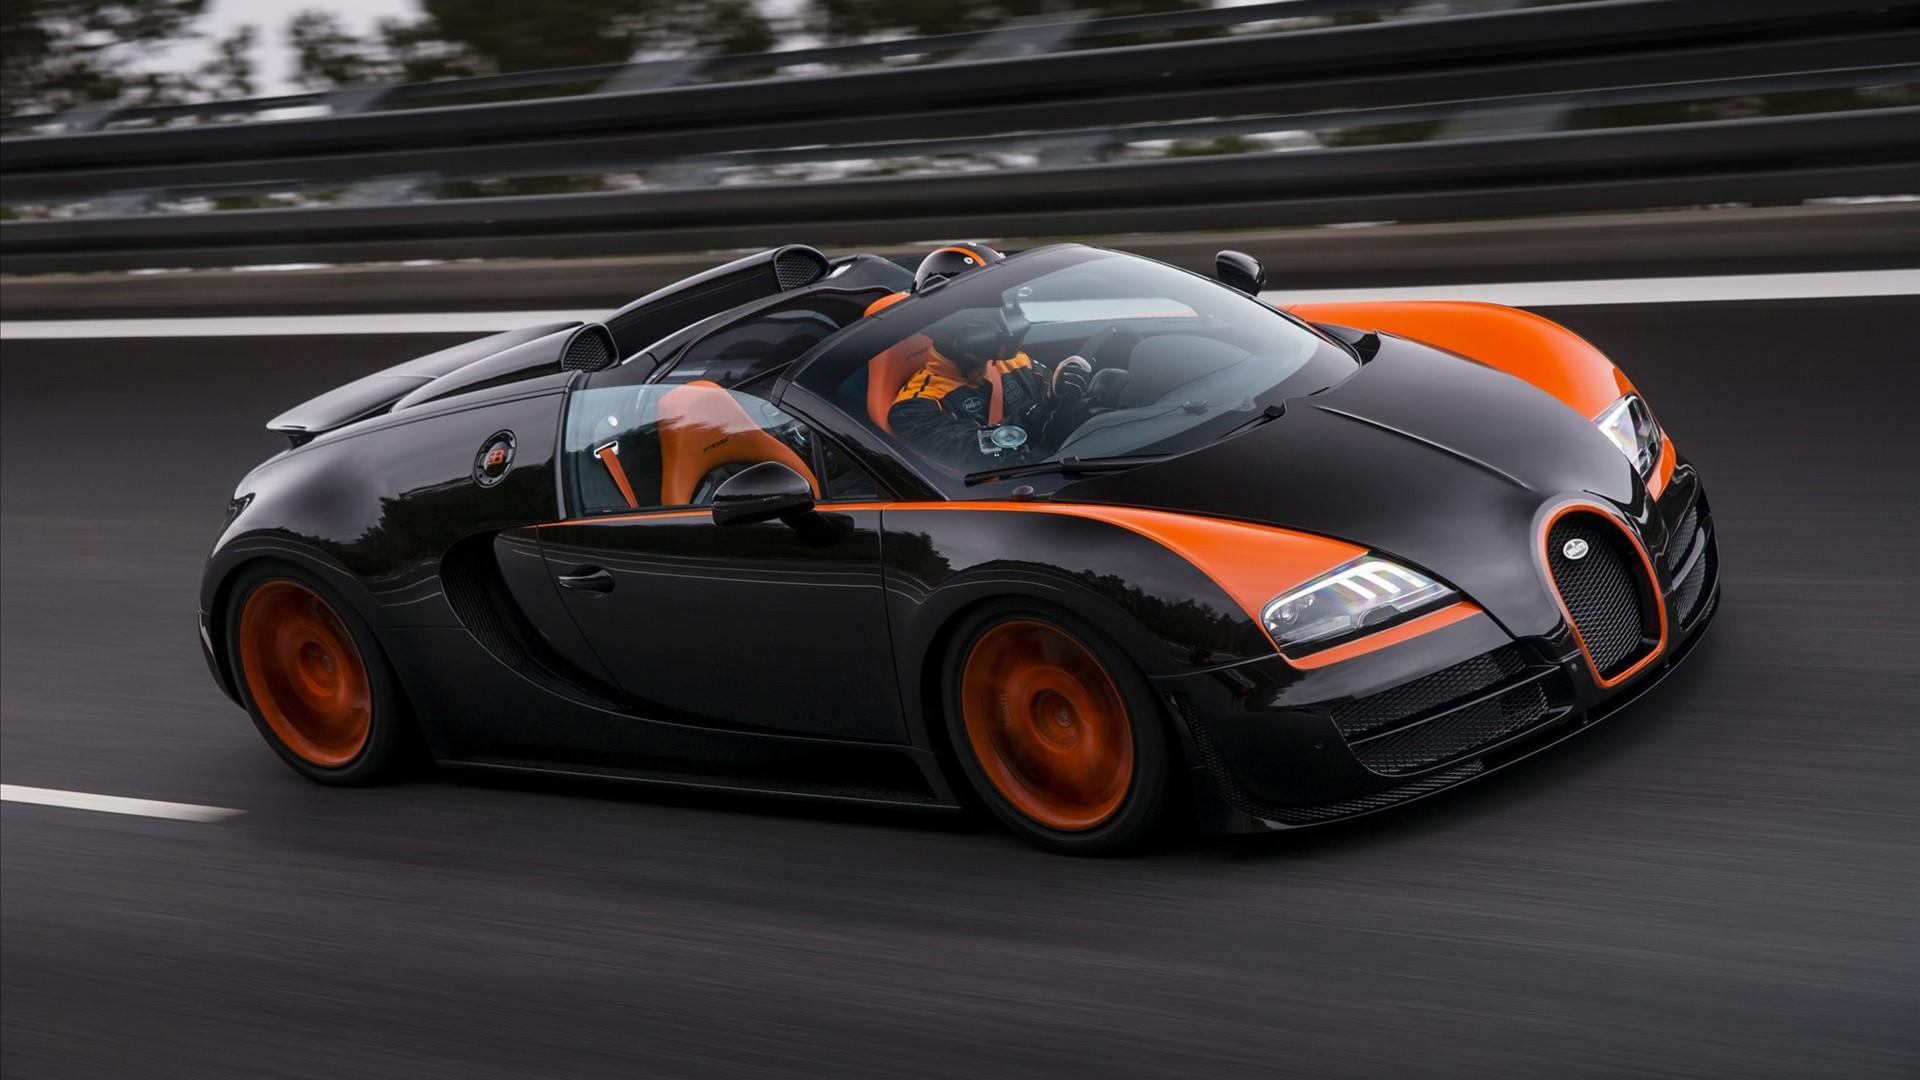 Bugatti Veyron Grand Sport Vitesse Wallpaper: Bugatti Veyron Grand Sport Vitesse 3 Wallpaper